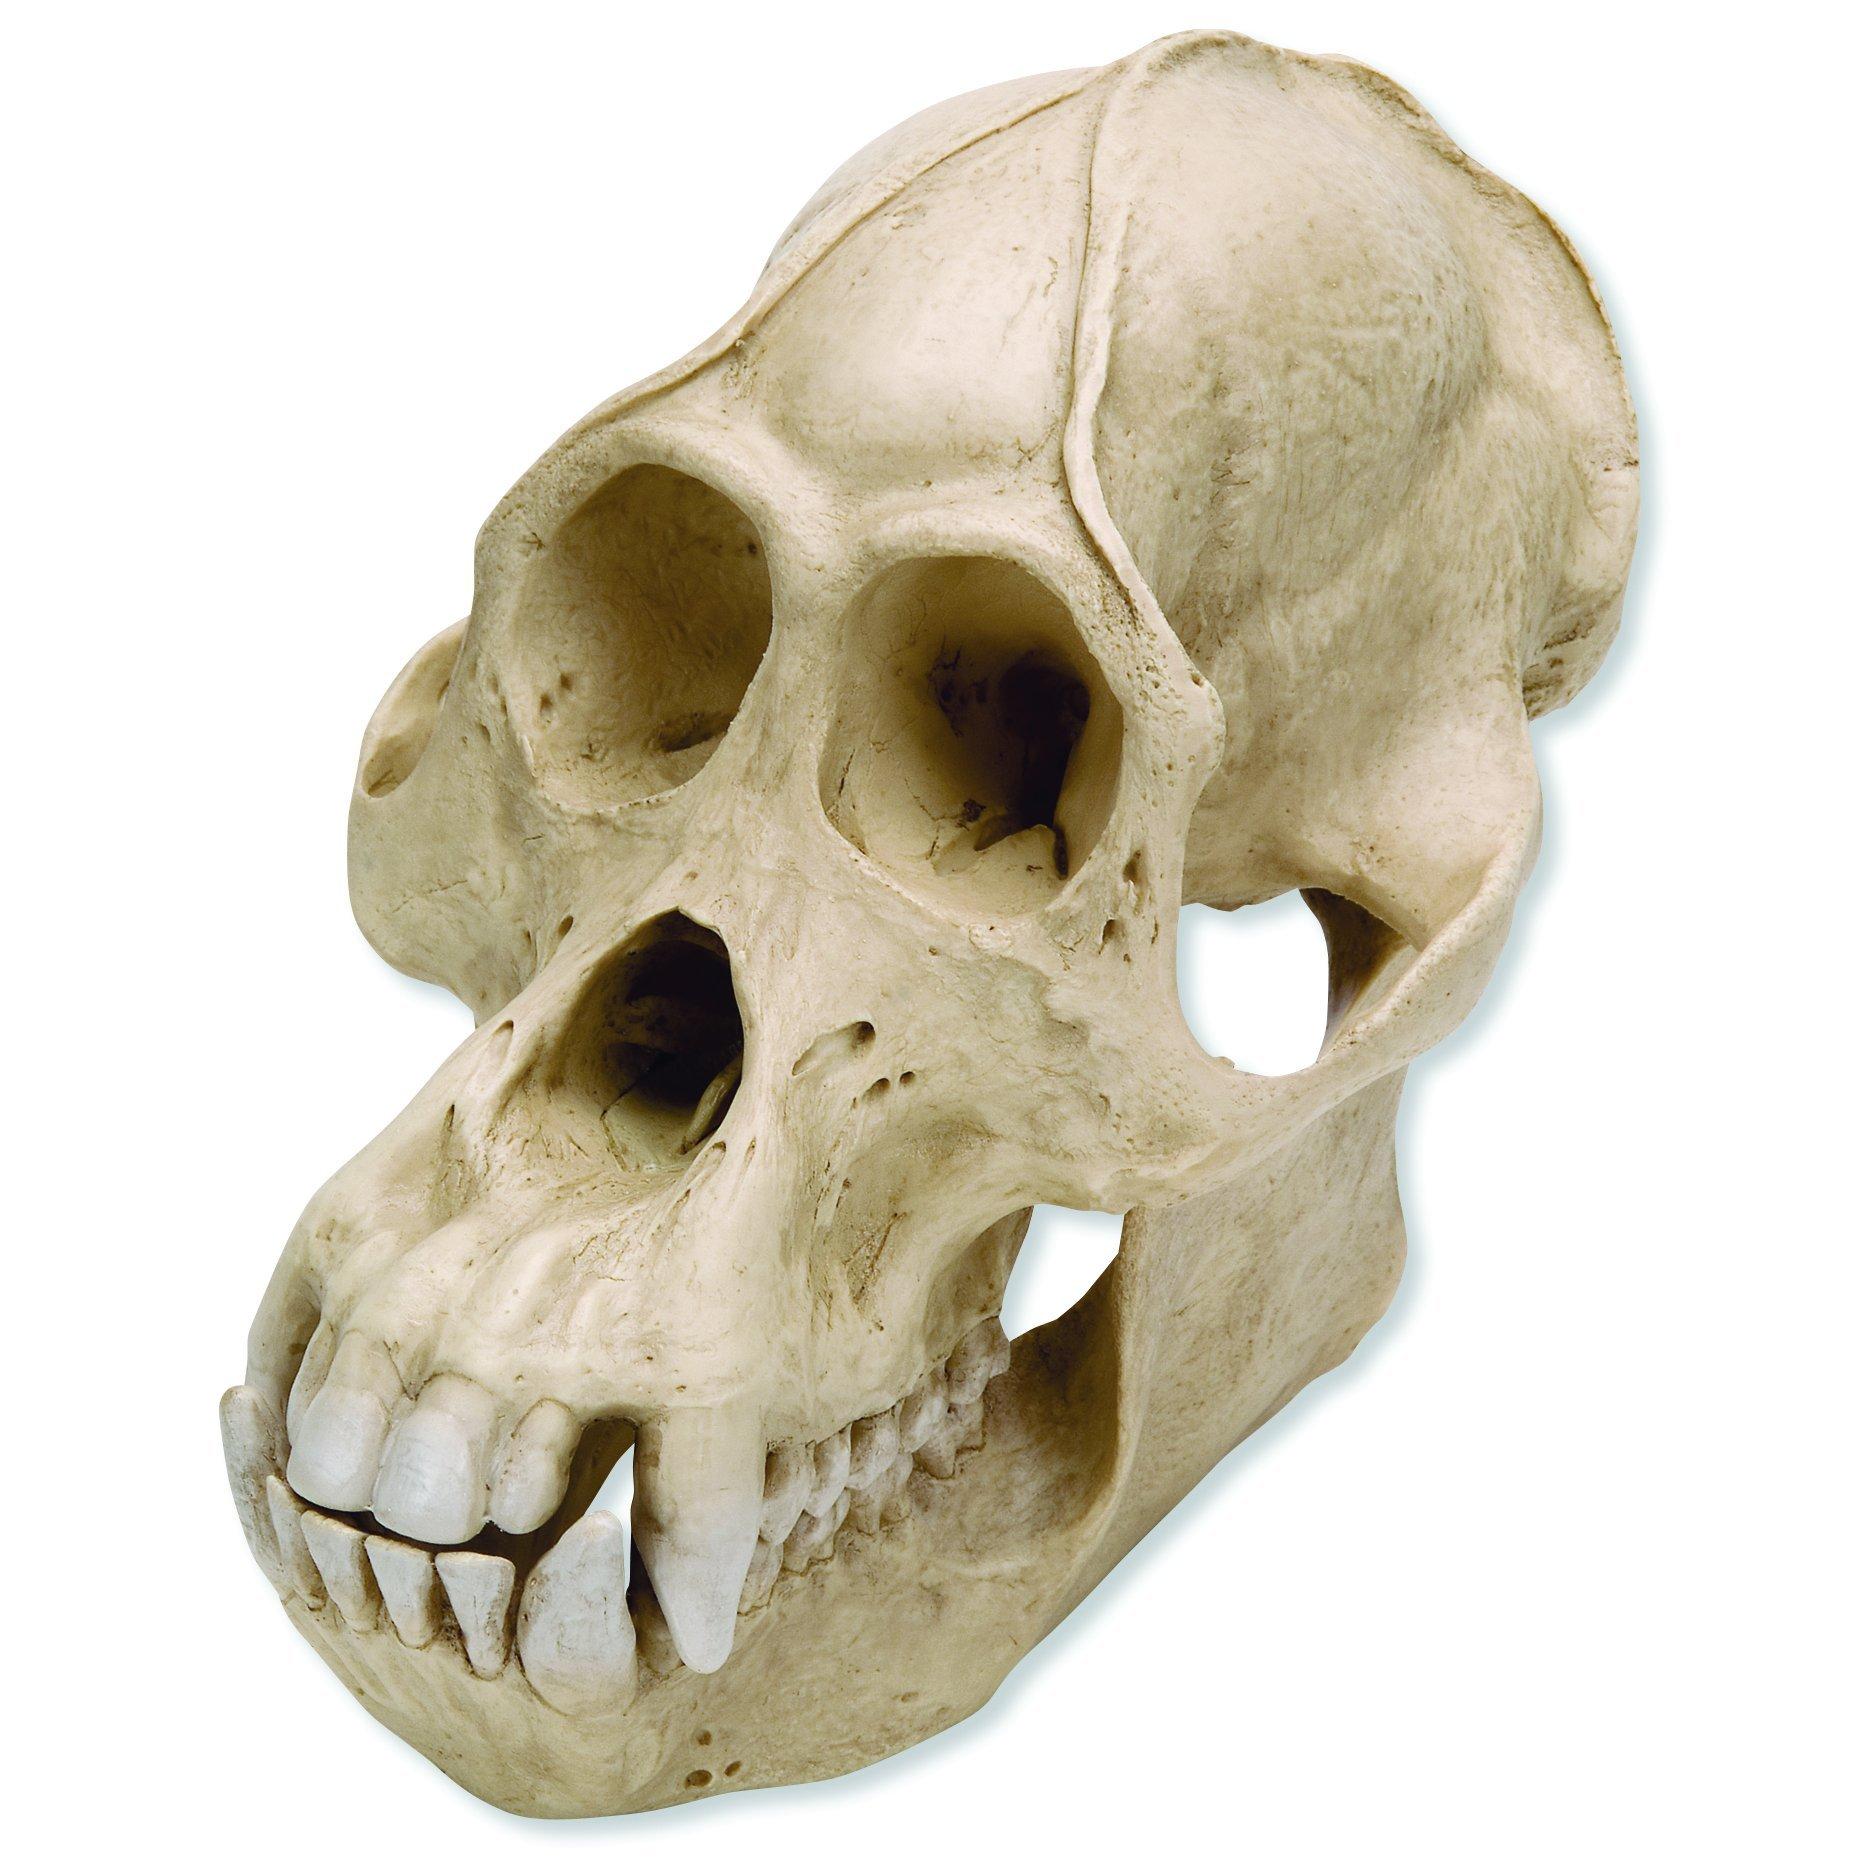 Buy 3B Scientific VP762/1 Male Gorilla Skull Anatomy Model 2 Parts ...